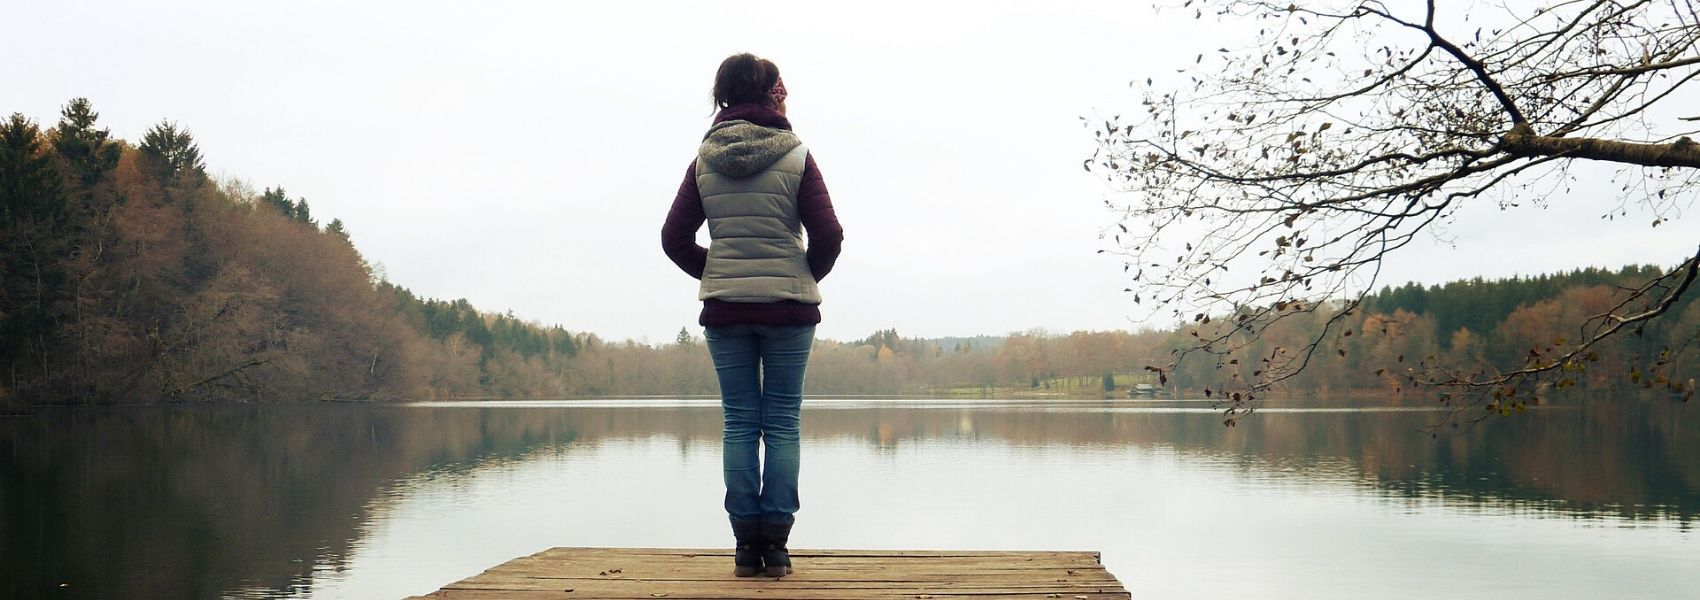 Menopausa precoce aumenta risco de problemas de saúde aos 60 anos